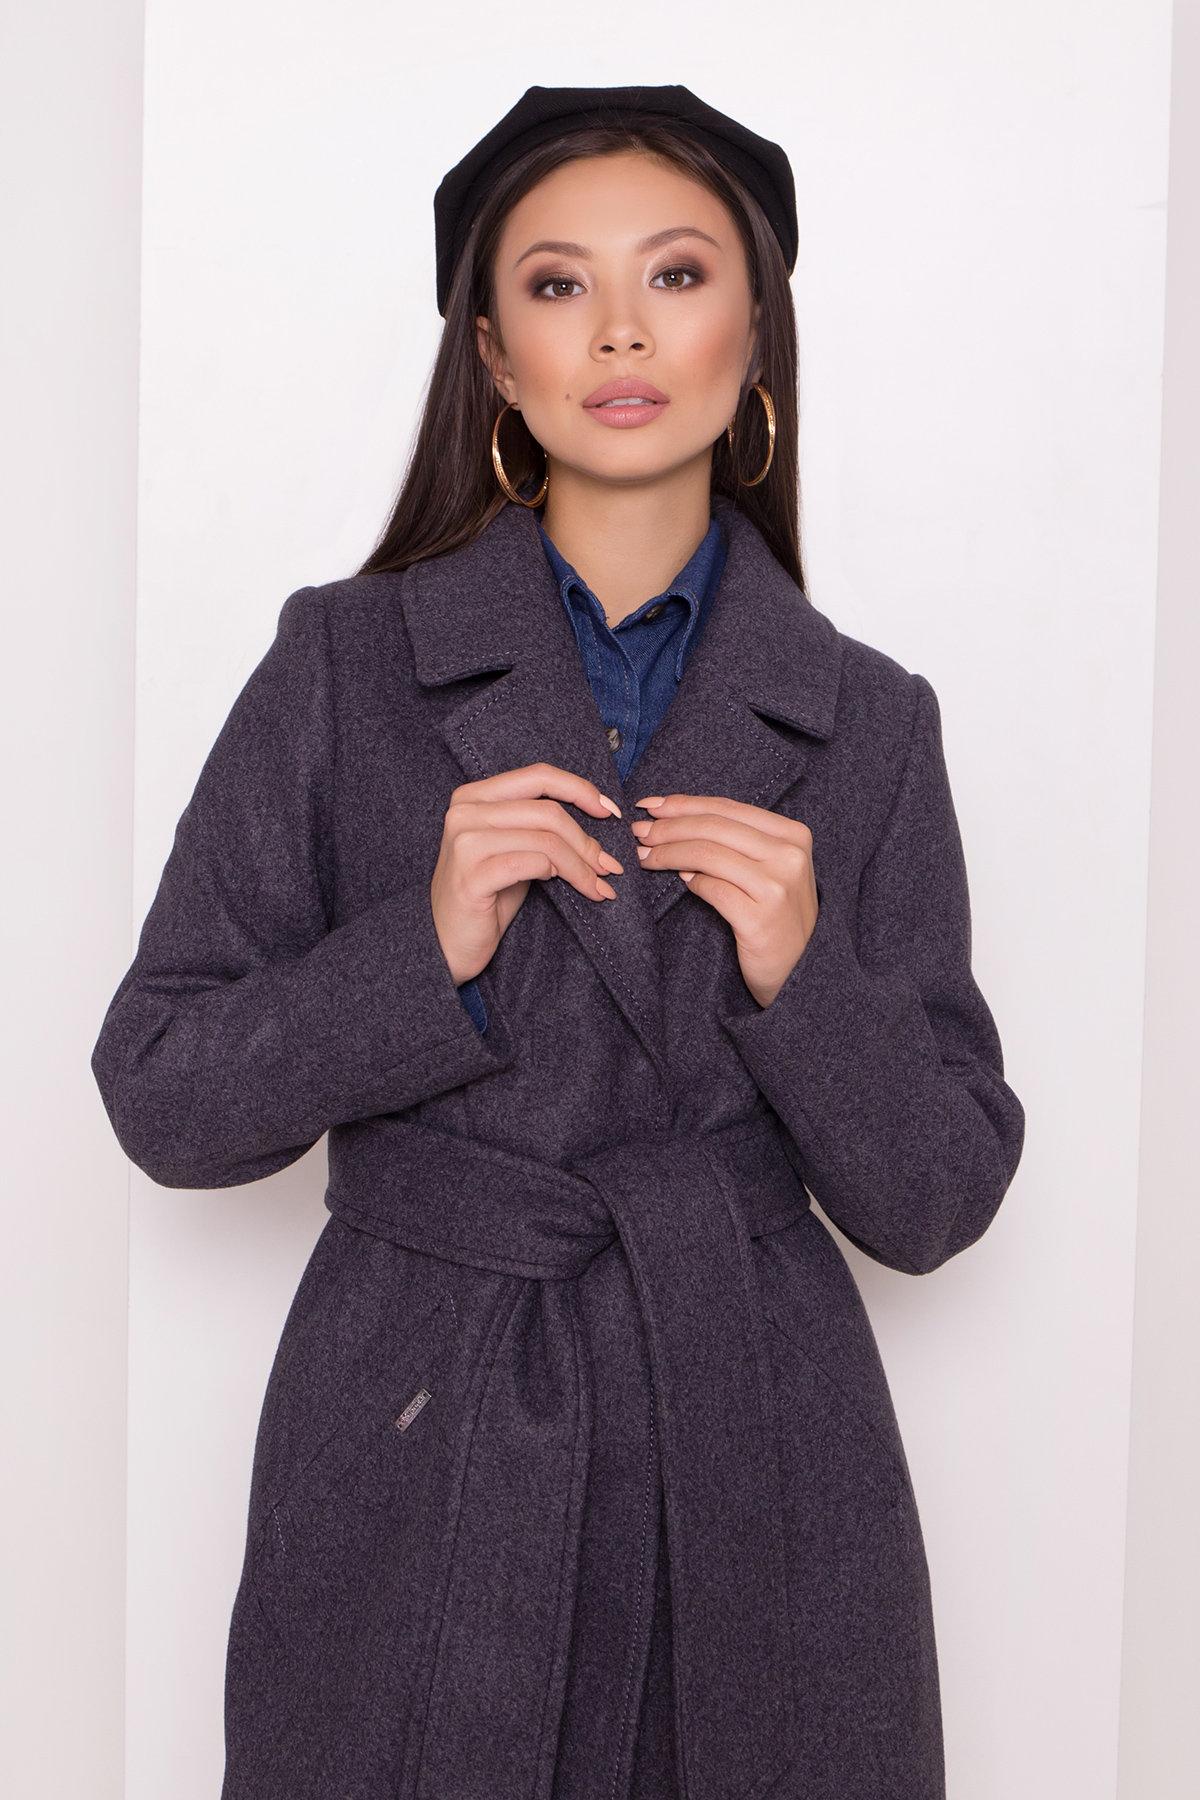 Пальто с английским воротником Миссури макси 8107 АРТ. 44054 Цвет: Т.синий 543 - фото 5, интернет магазин tm-modus.ru